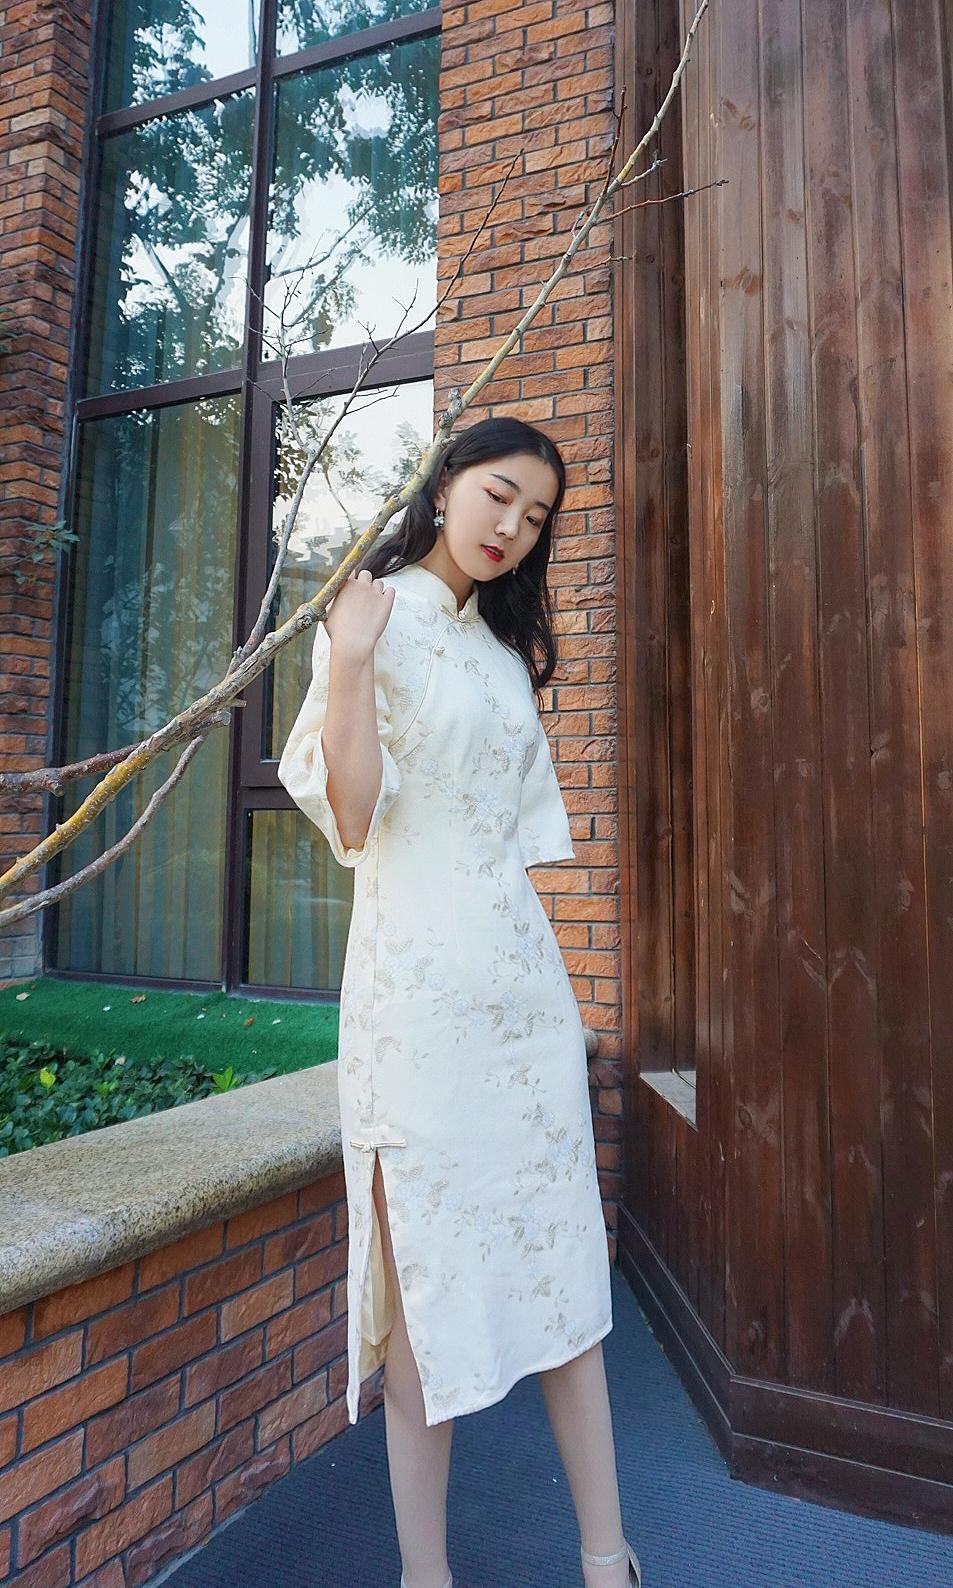 《旗袍情怀》老上海新式白色仙女刺绣中长款改良旗袍,花枝图案刺绣十分精致,领口和斜襟有镶边工艺,很适合搭配胸针等配饰,也更有实穿性~#OMG,你的购物车里一定要有这个#